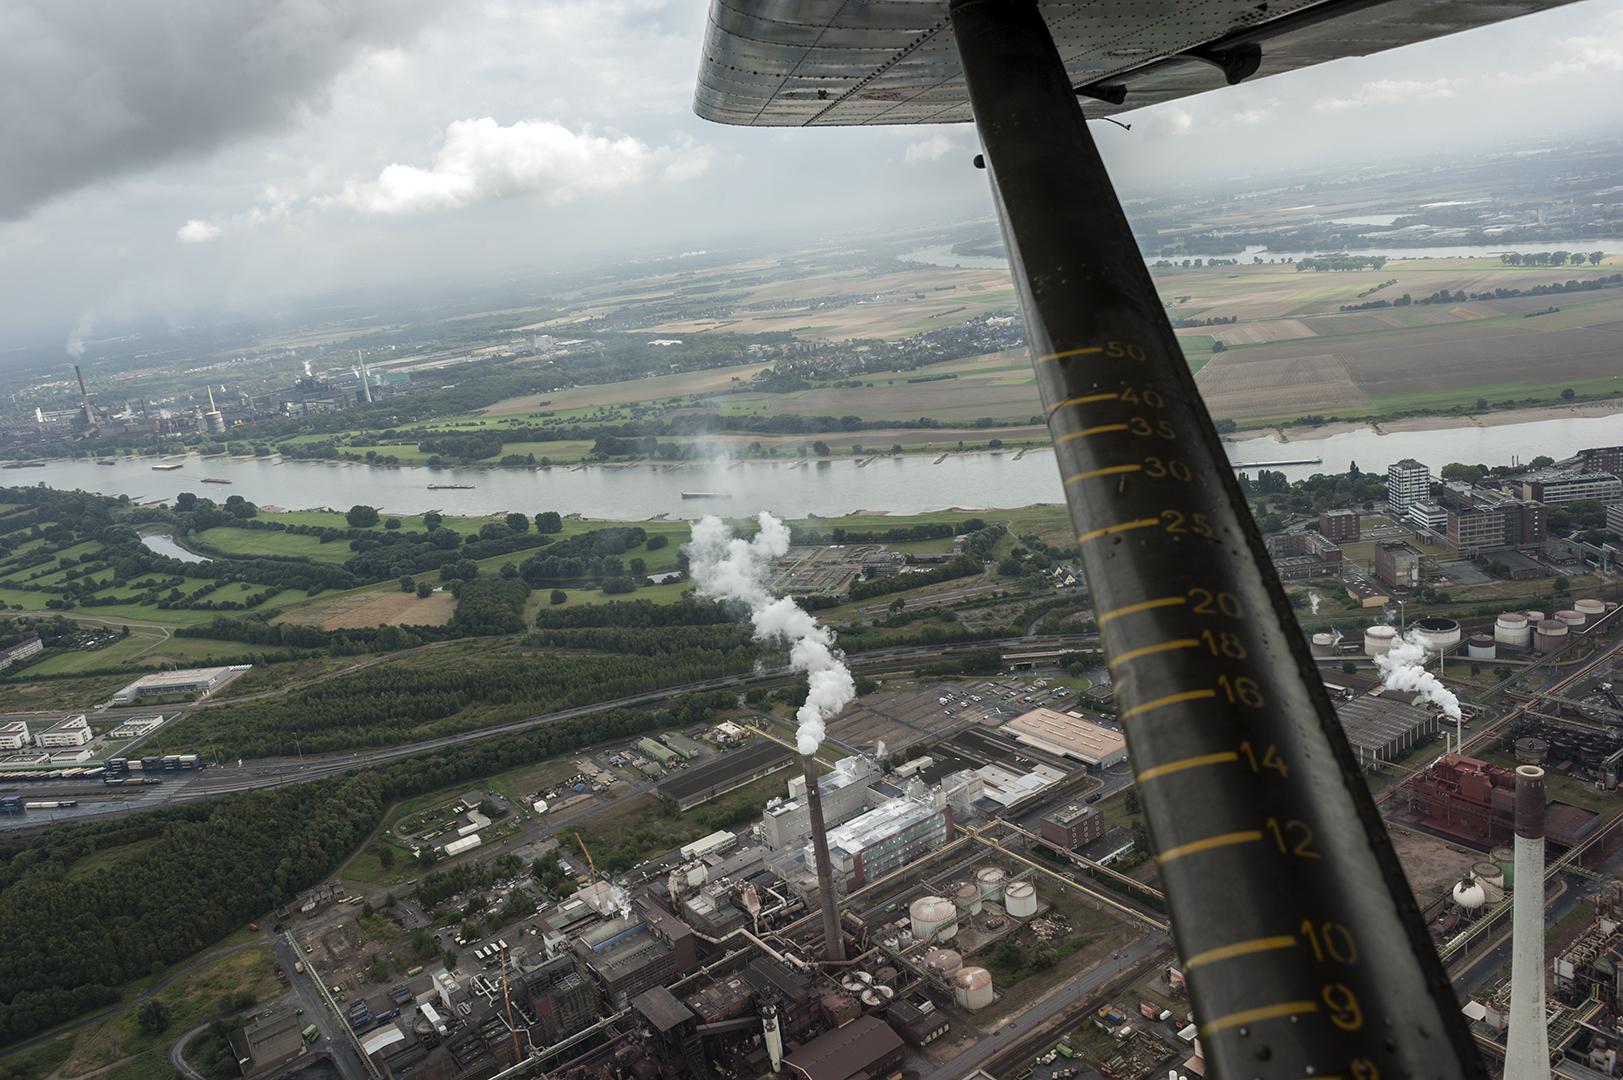 Rundflug mit Oldtimer Broussard - Foto 17